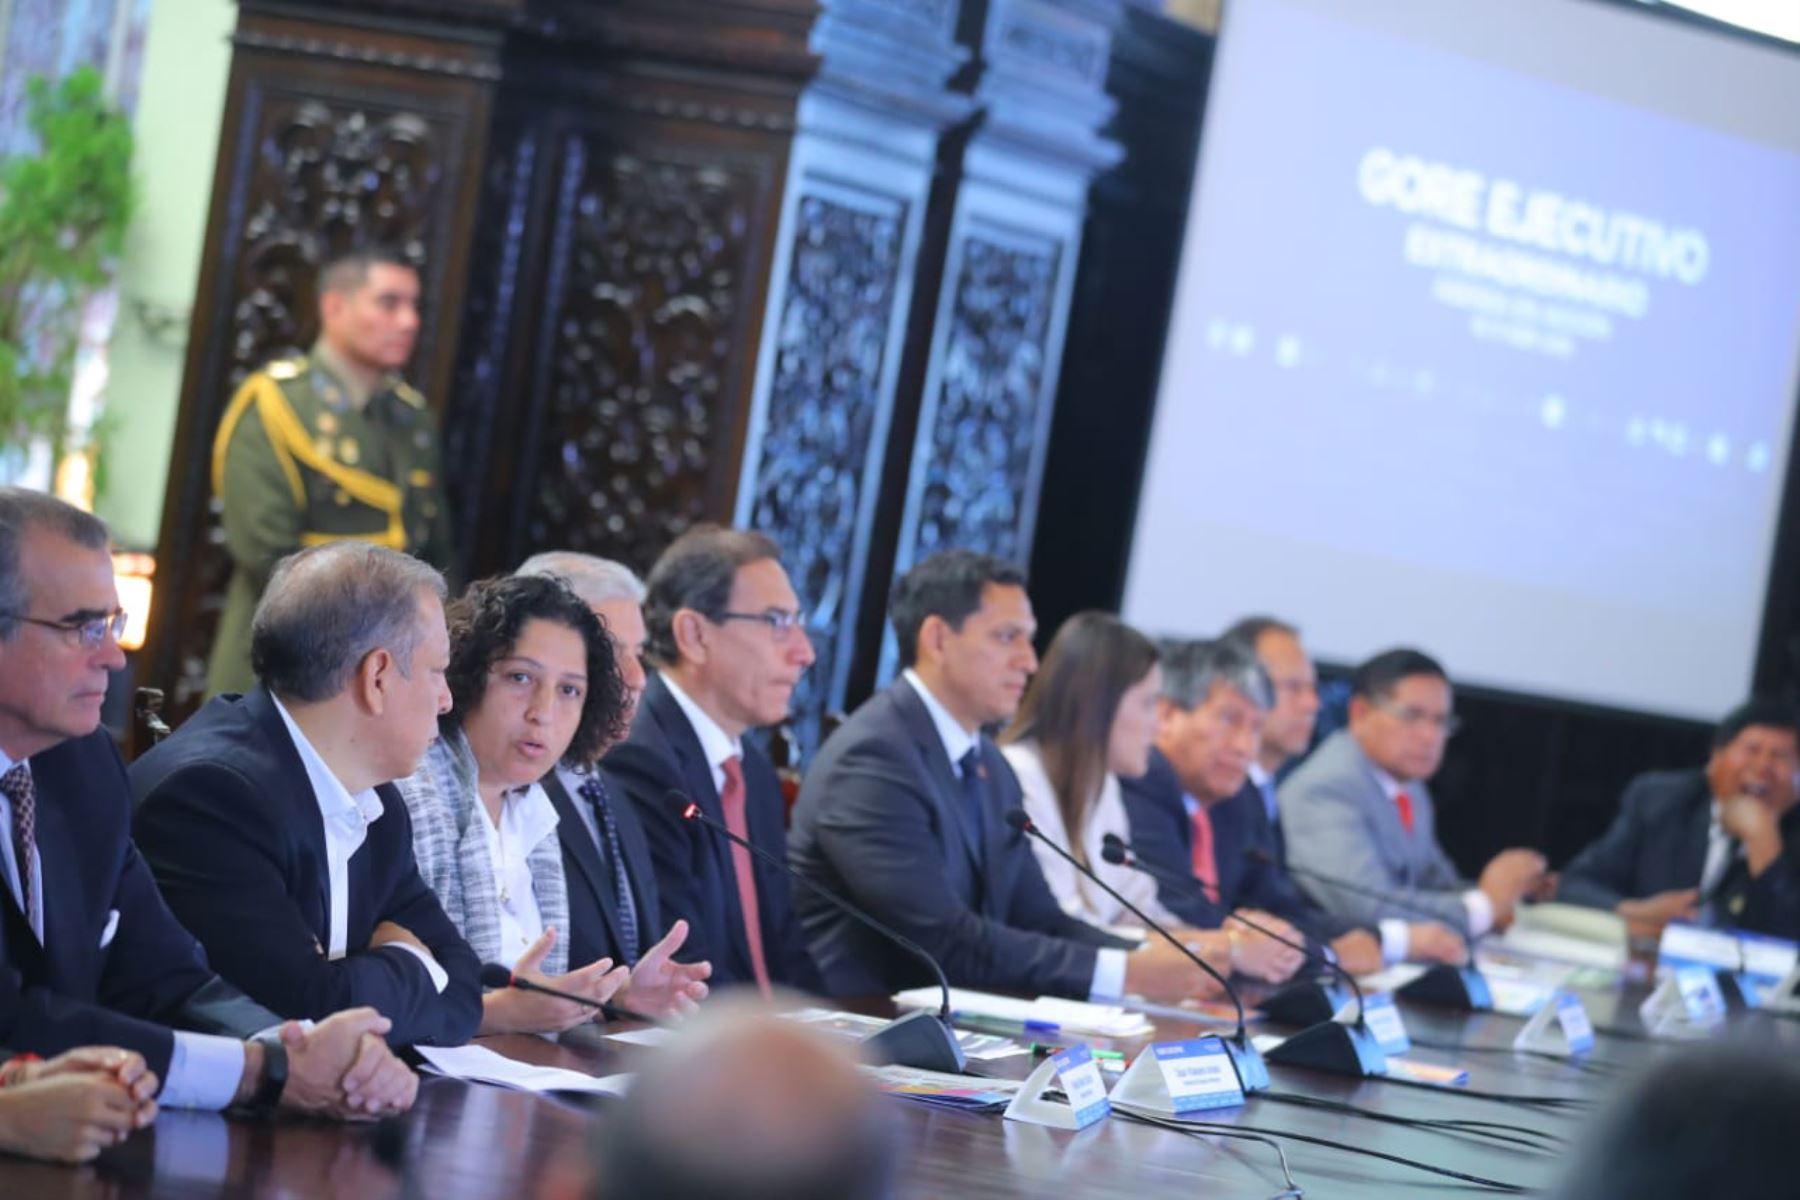 Ministra del Ambiente, Fabiola Muñoz, participa de la reunión extraordinaria del Gore-Ejecutivo. Foto: ANDINA/Prensa Presidencia.